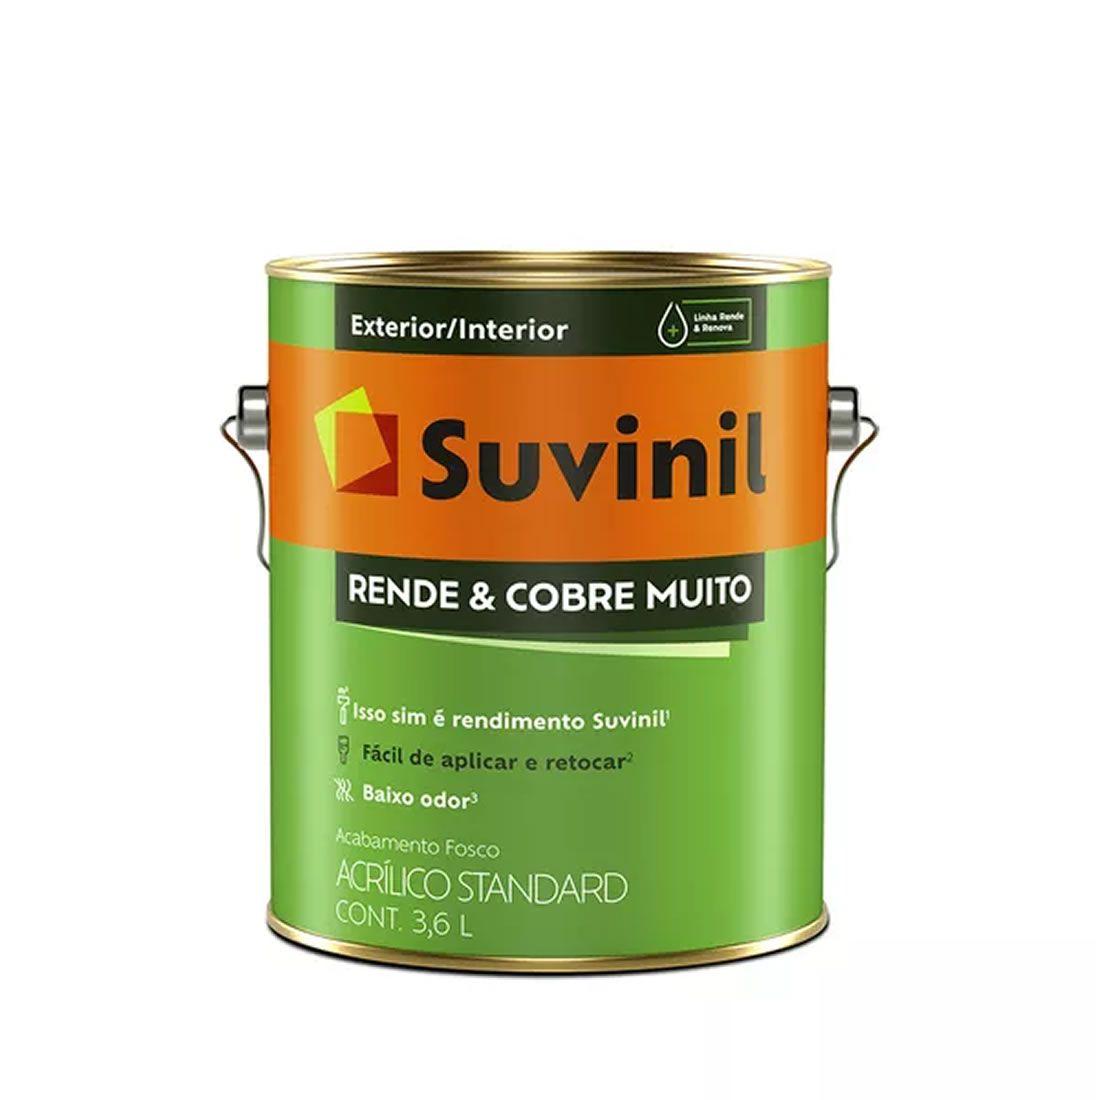 Tinta Suvinil Acrílica Standard Rende & Cobre Muito Uva Verde 3,6 Litros